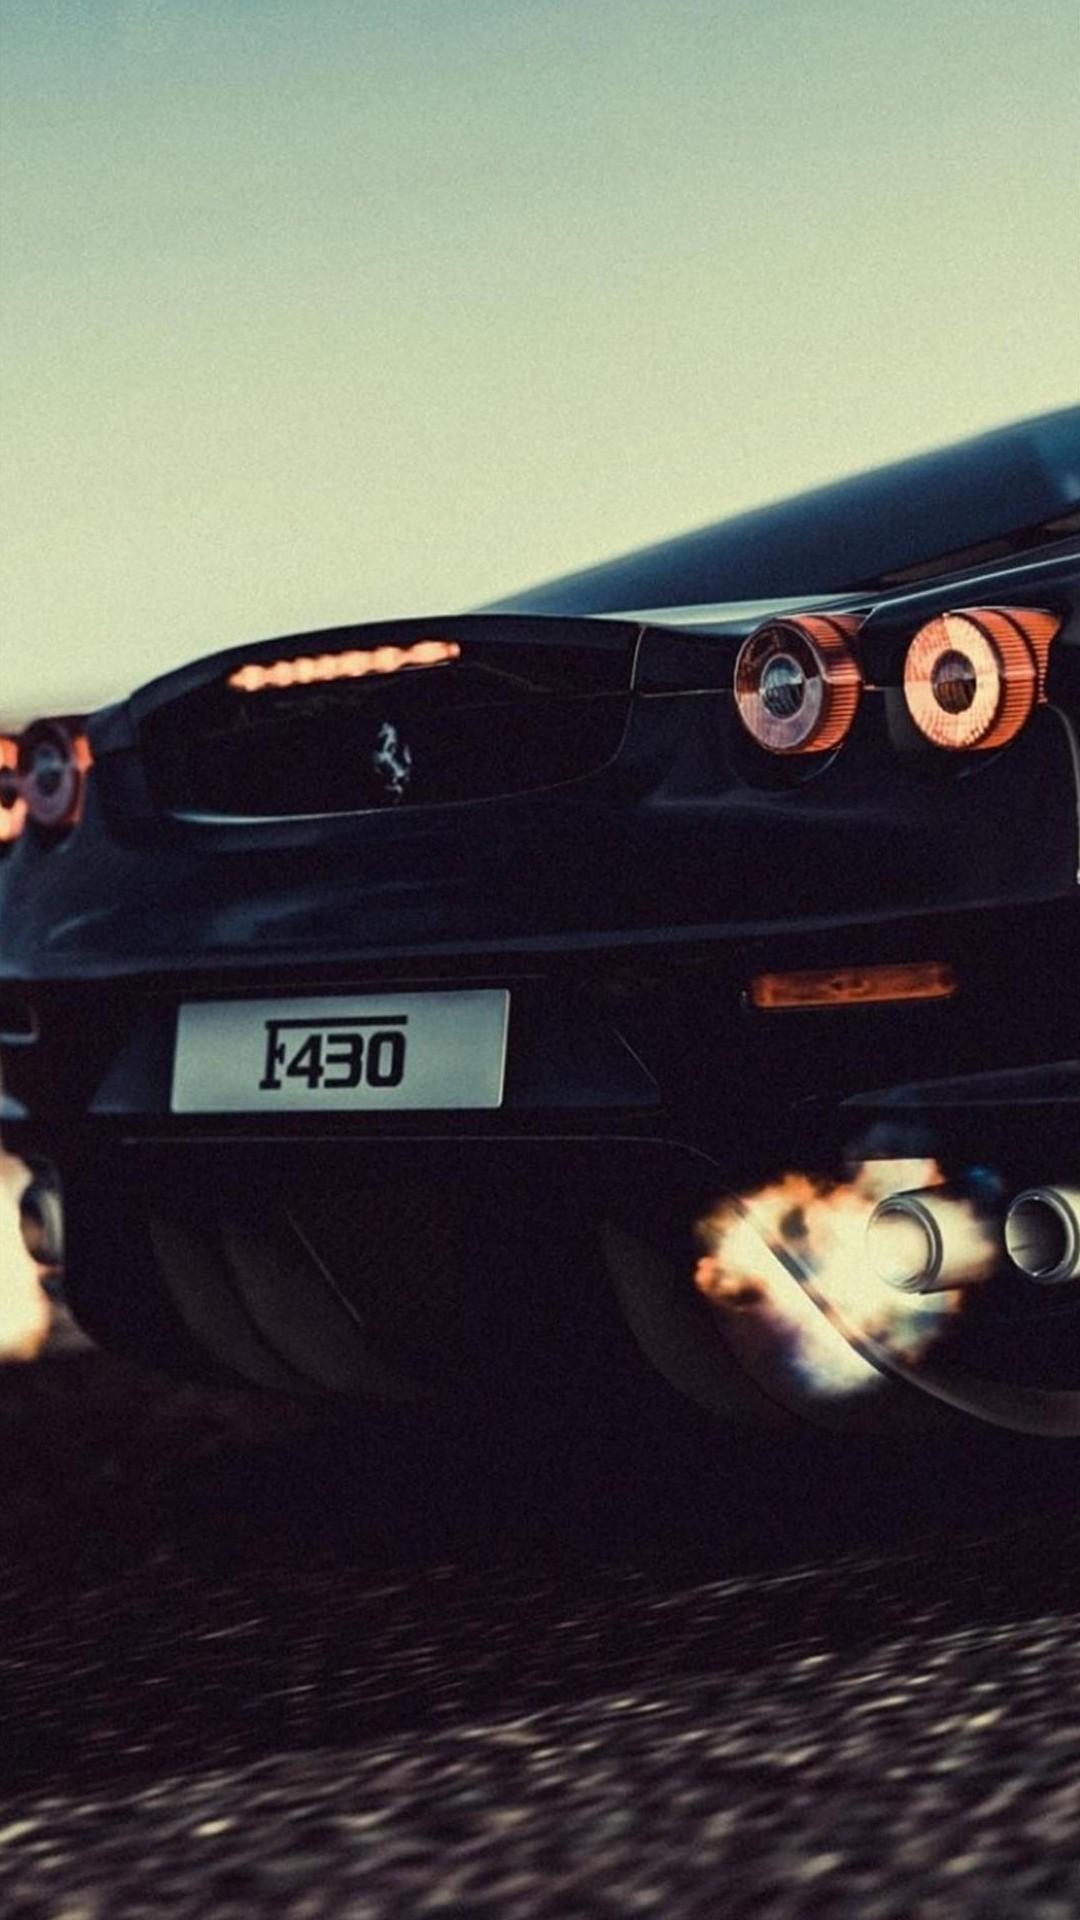 iPhone wallpaper ferrari black Ferrari